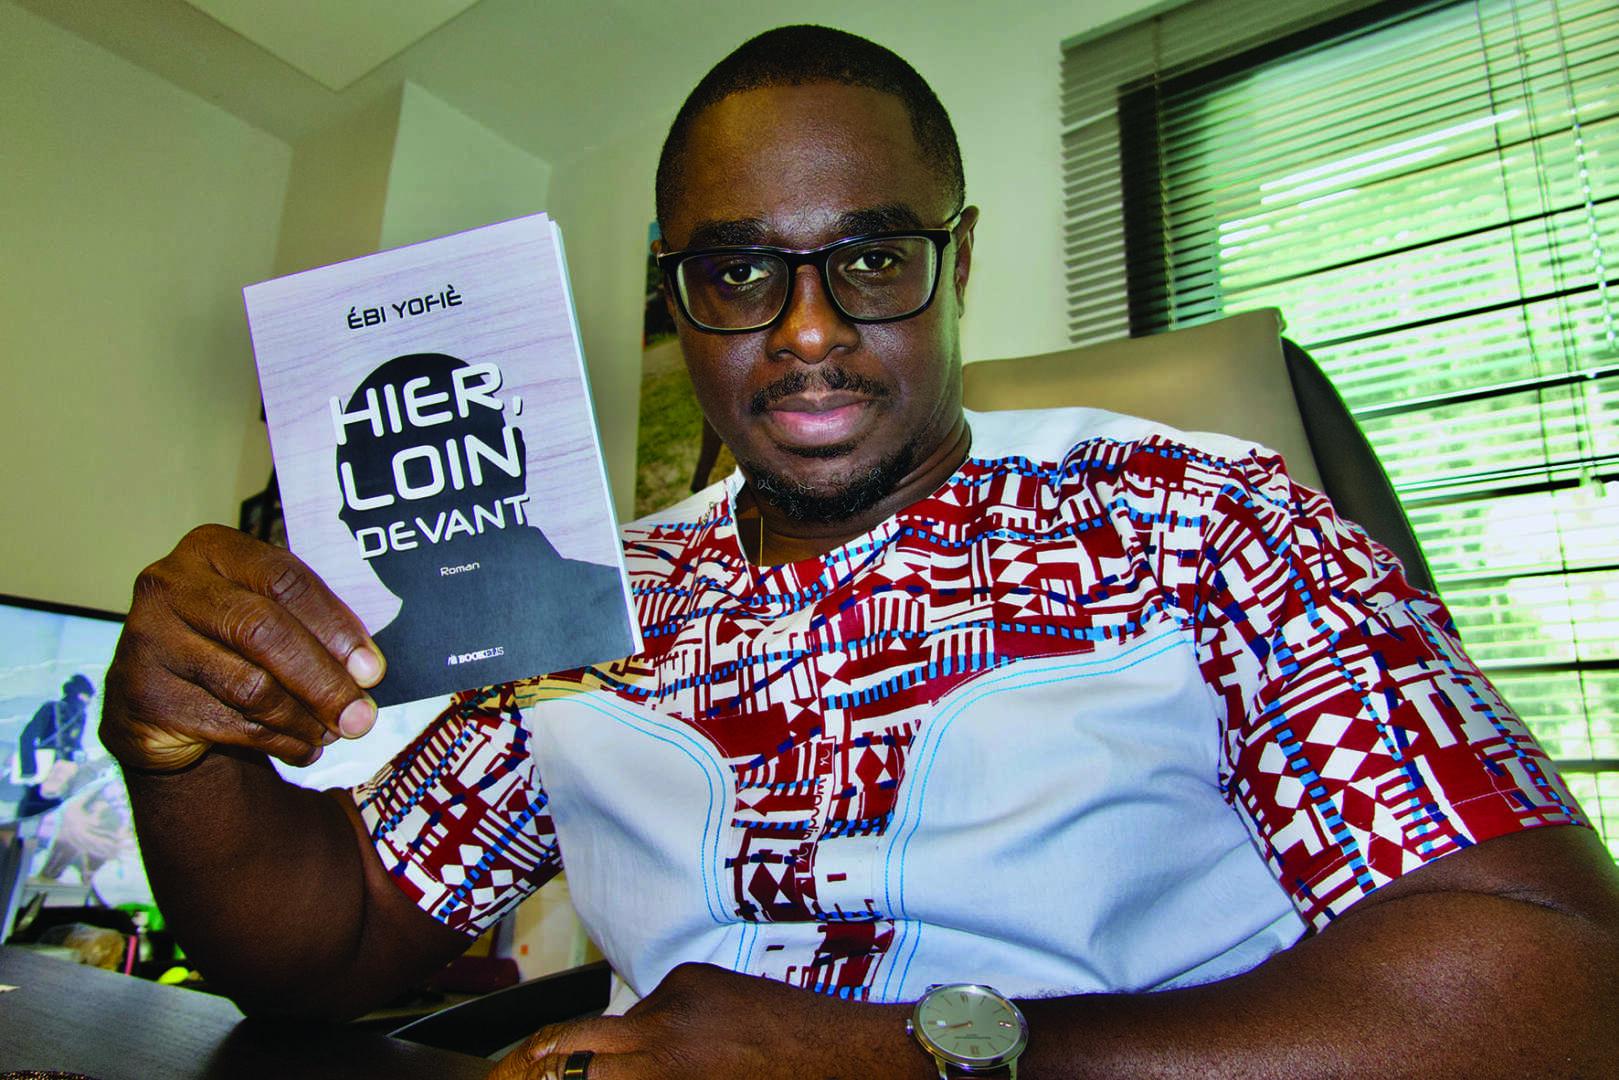 Entretien avec Ébi Yofiè, romancier ivoirien